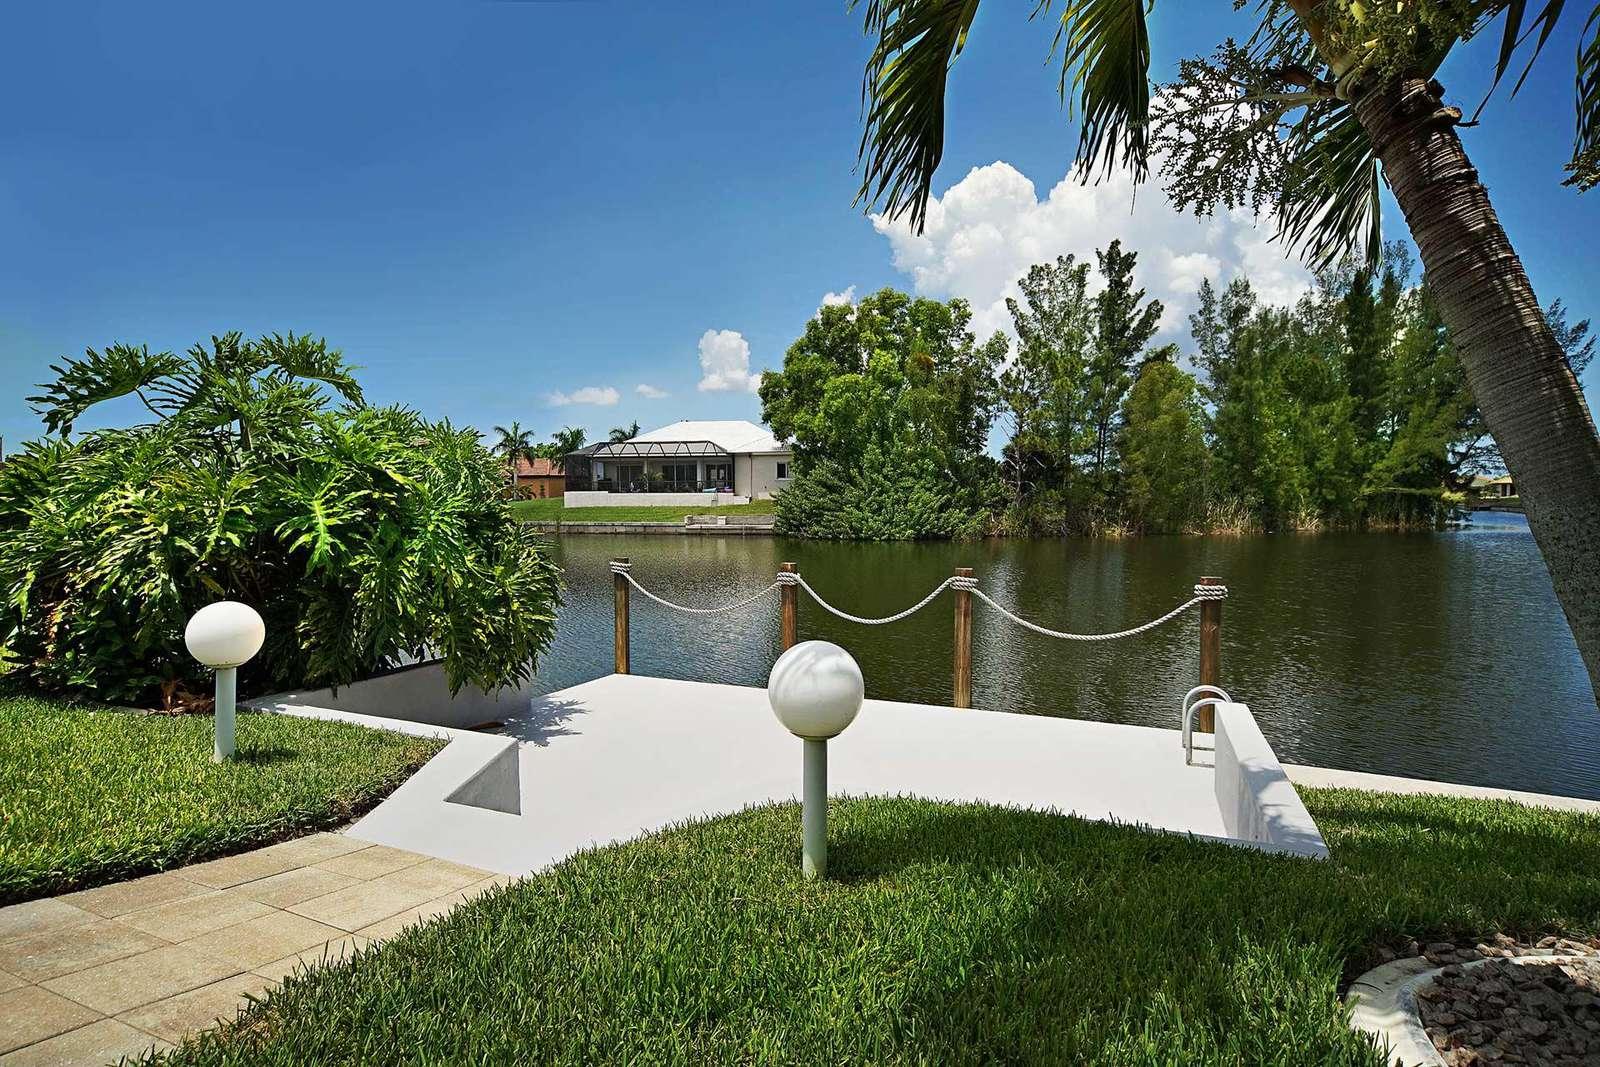 Wischis Florida Home - Ferienhaus - Hausverwaltung - Immobilien